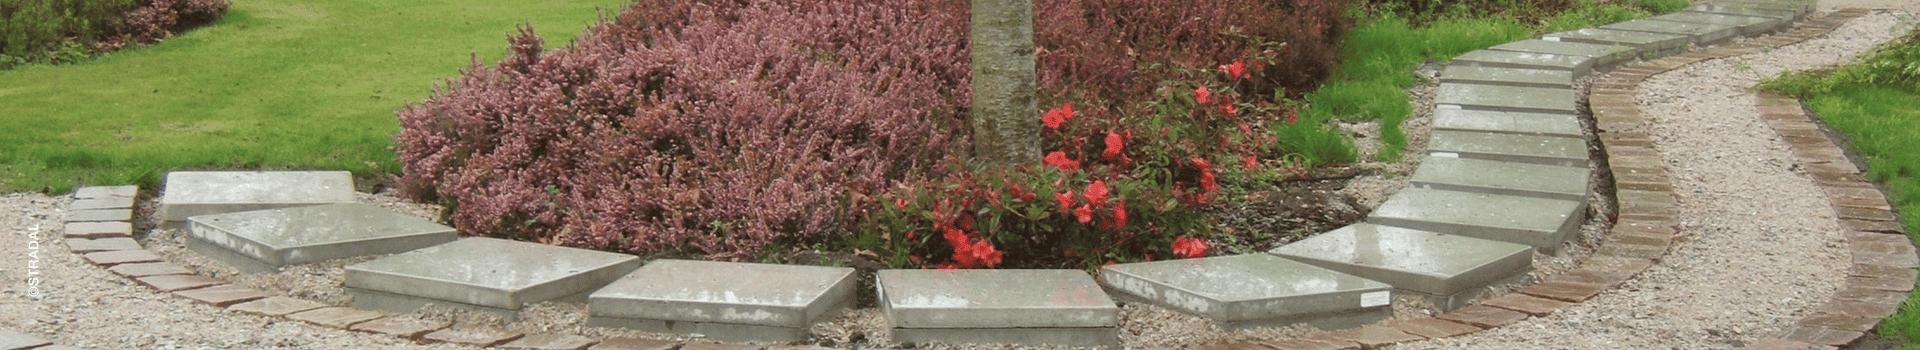 intégration de casurnes Stradal le long d'une allée du cimetière. Fabricant Stradal